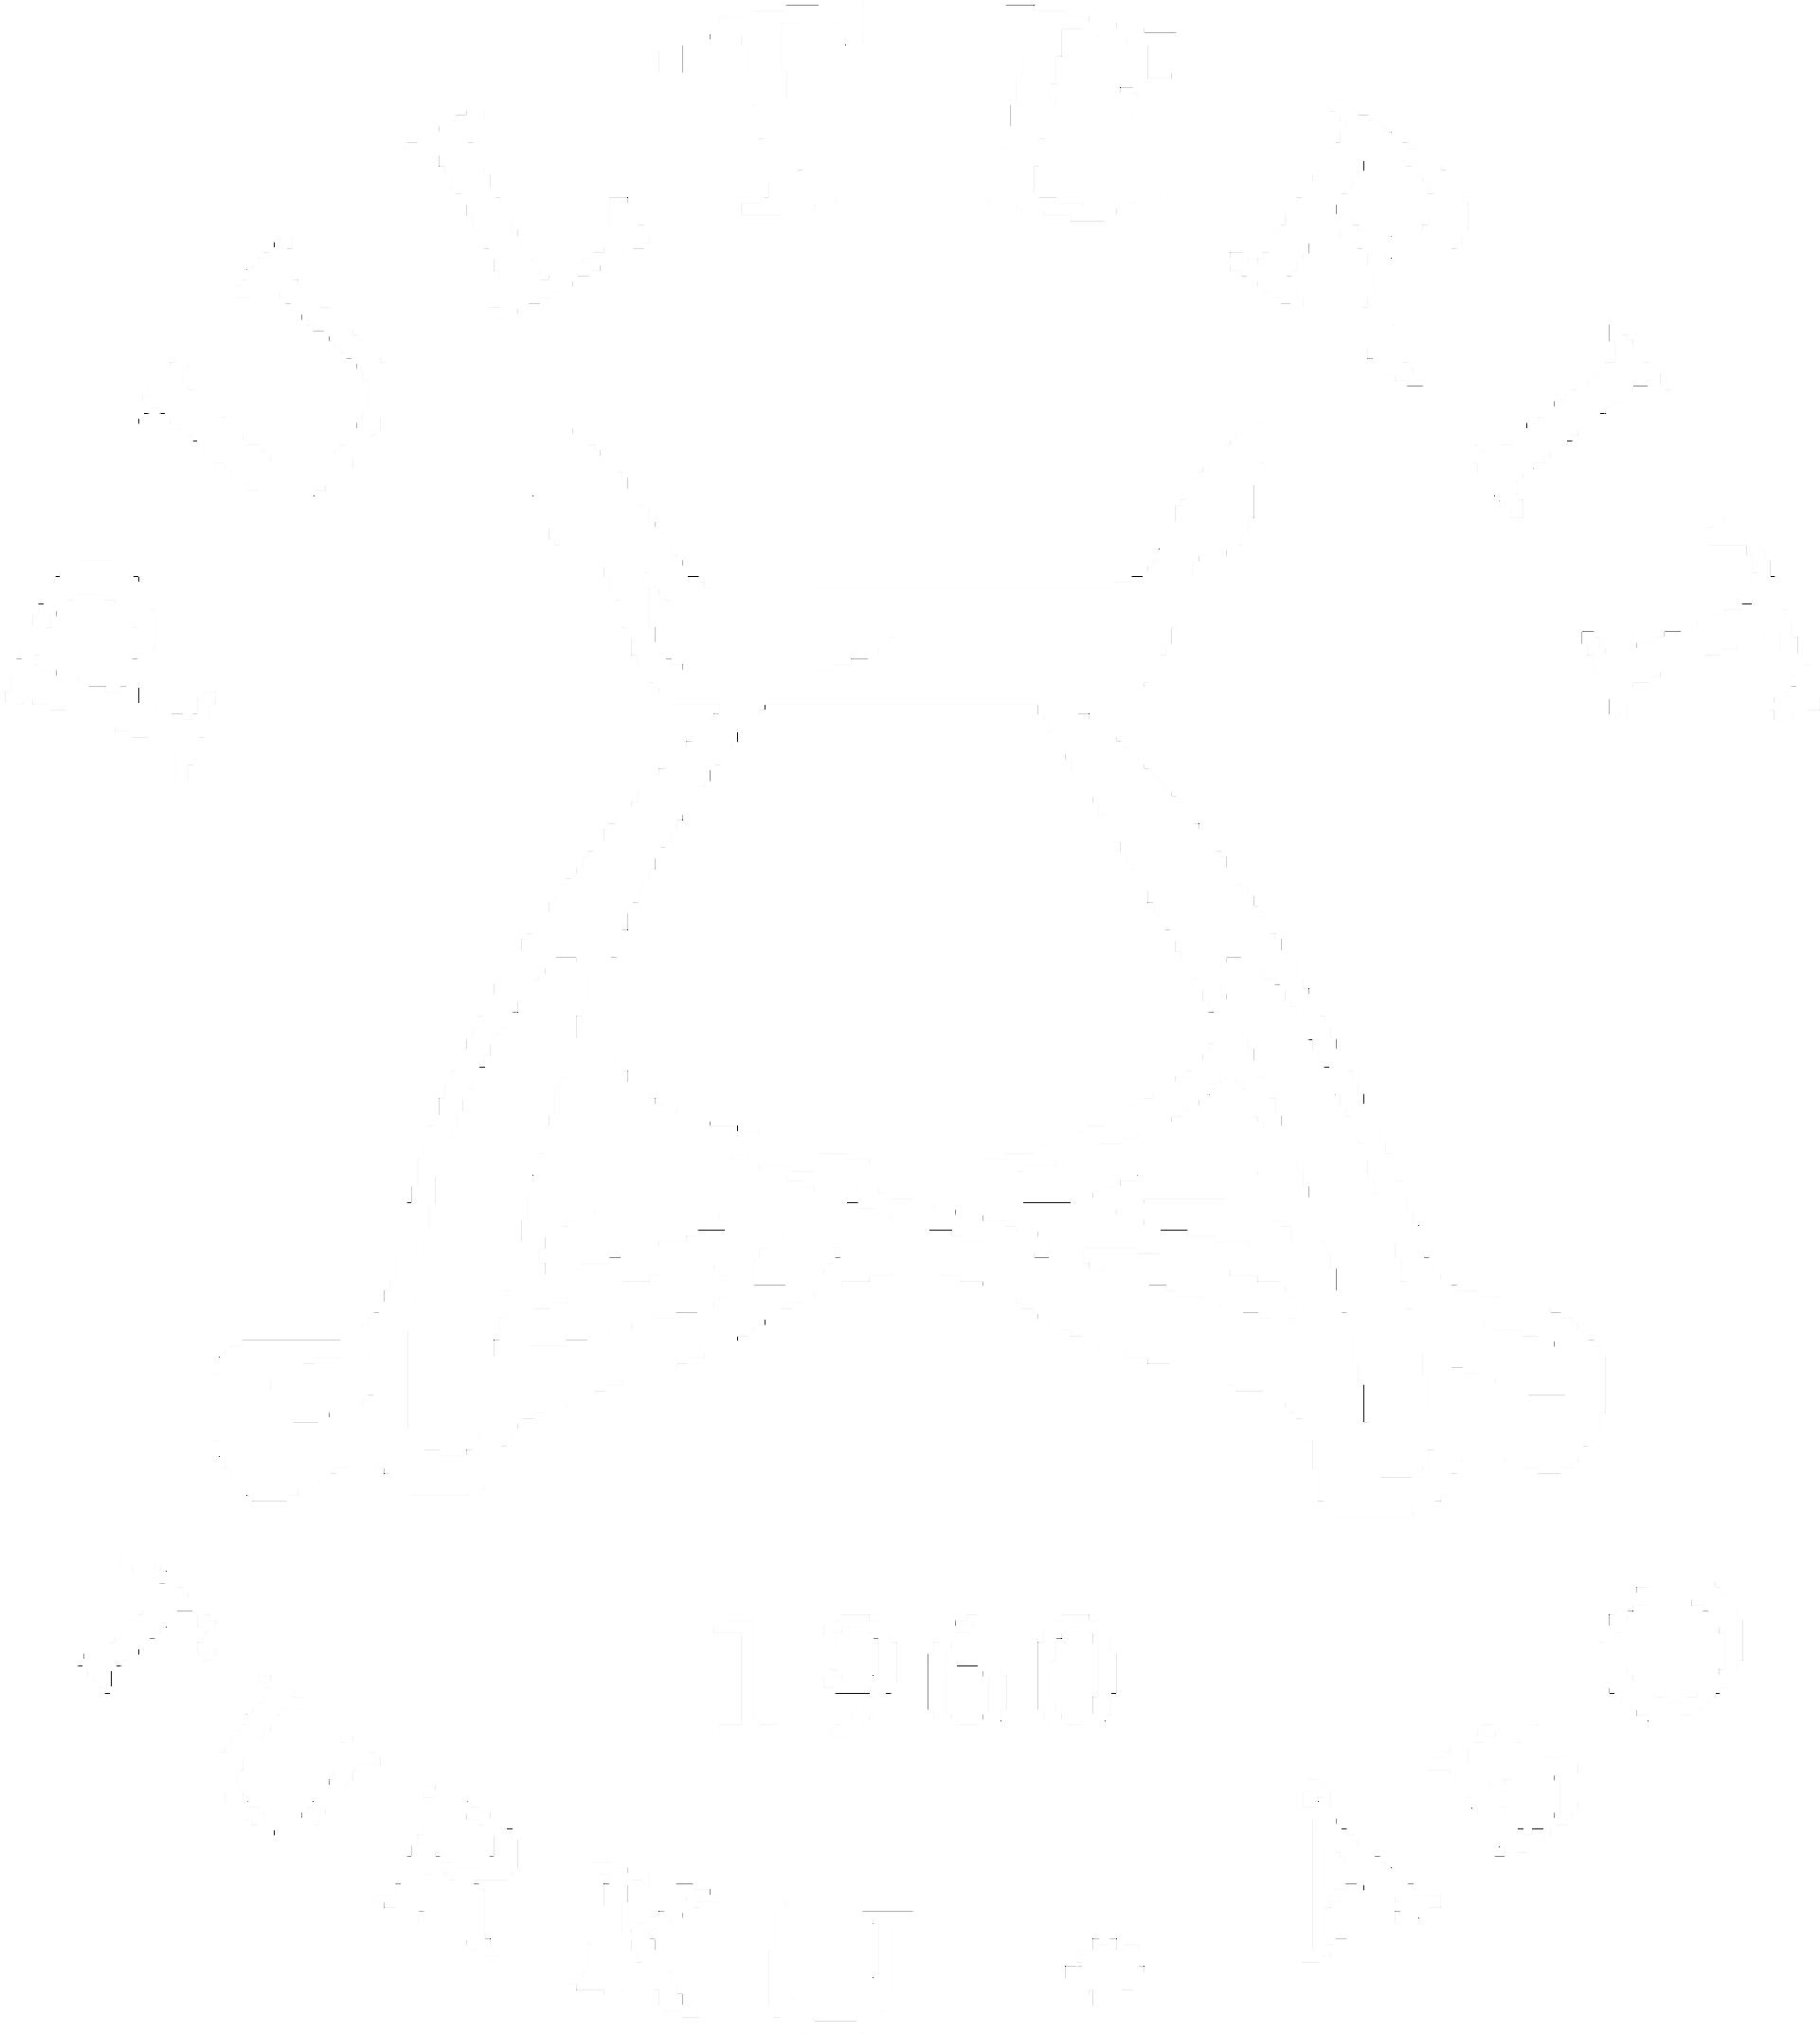 Pulterit ry